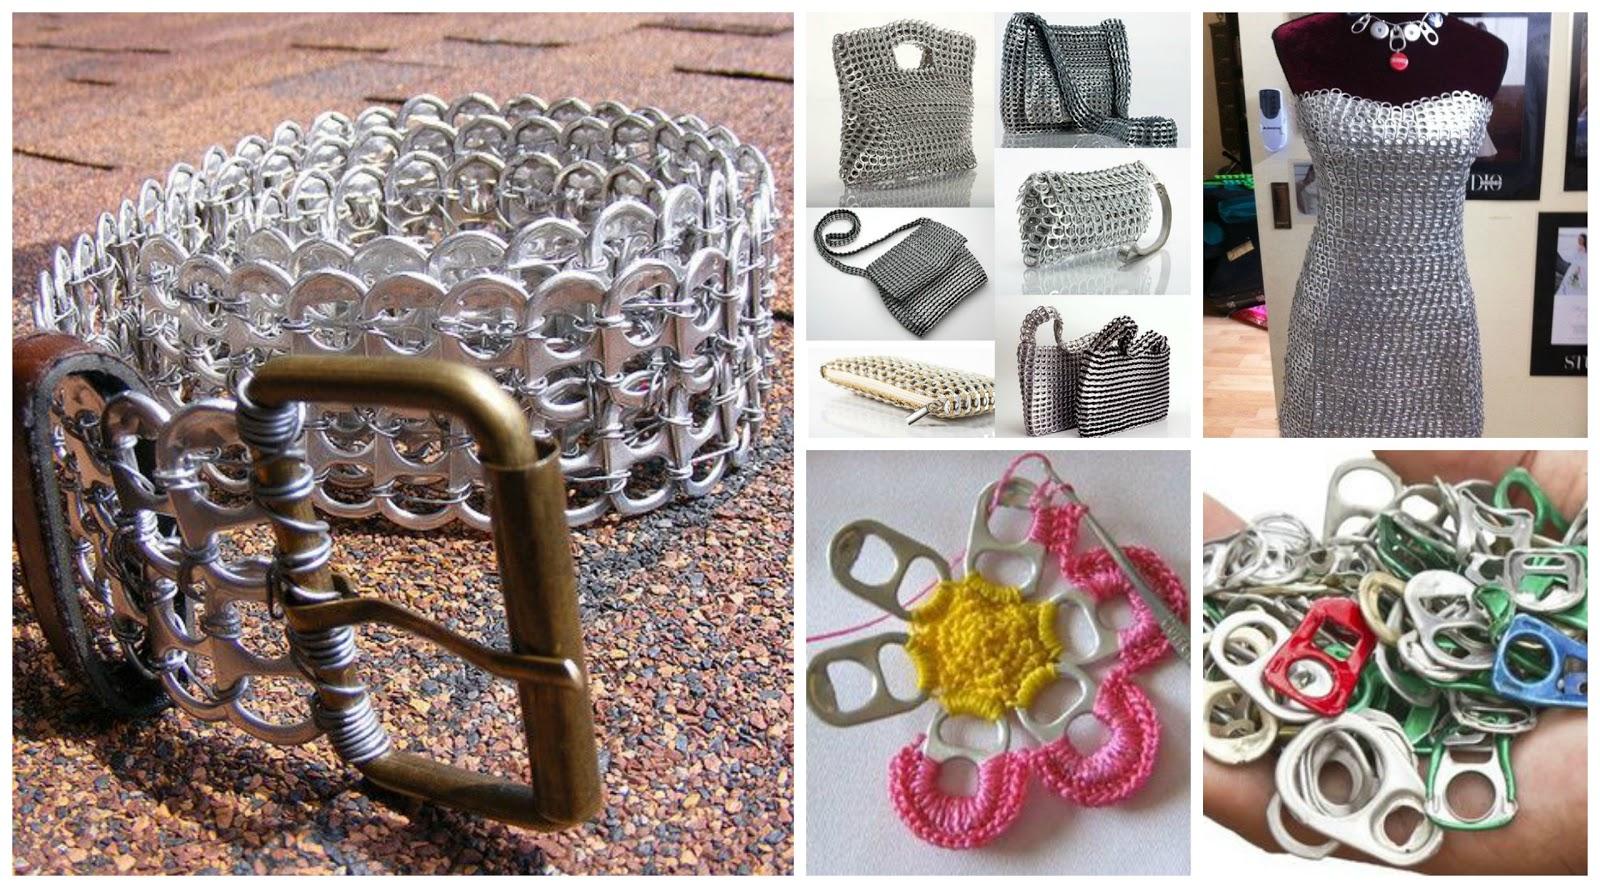 Reciclando con erika 5 ideas para reciclar anillas de latas - Ideas para reciclar ...